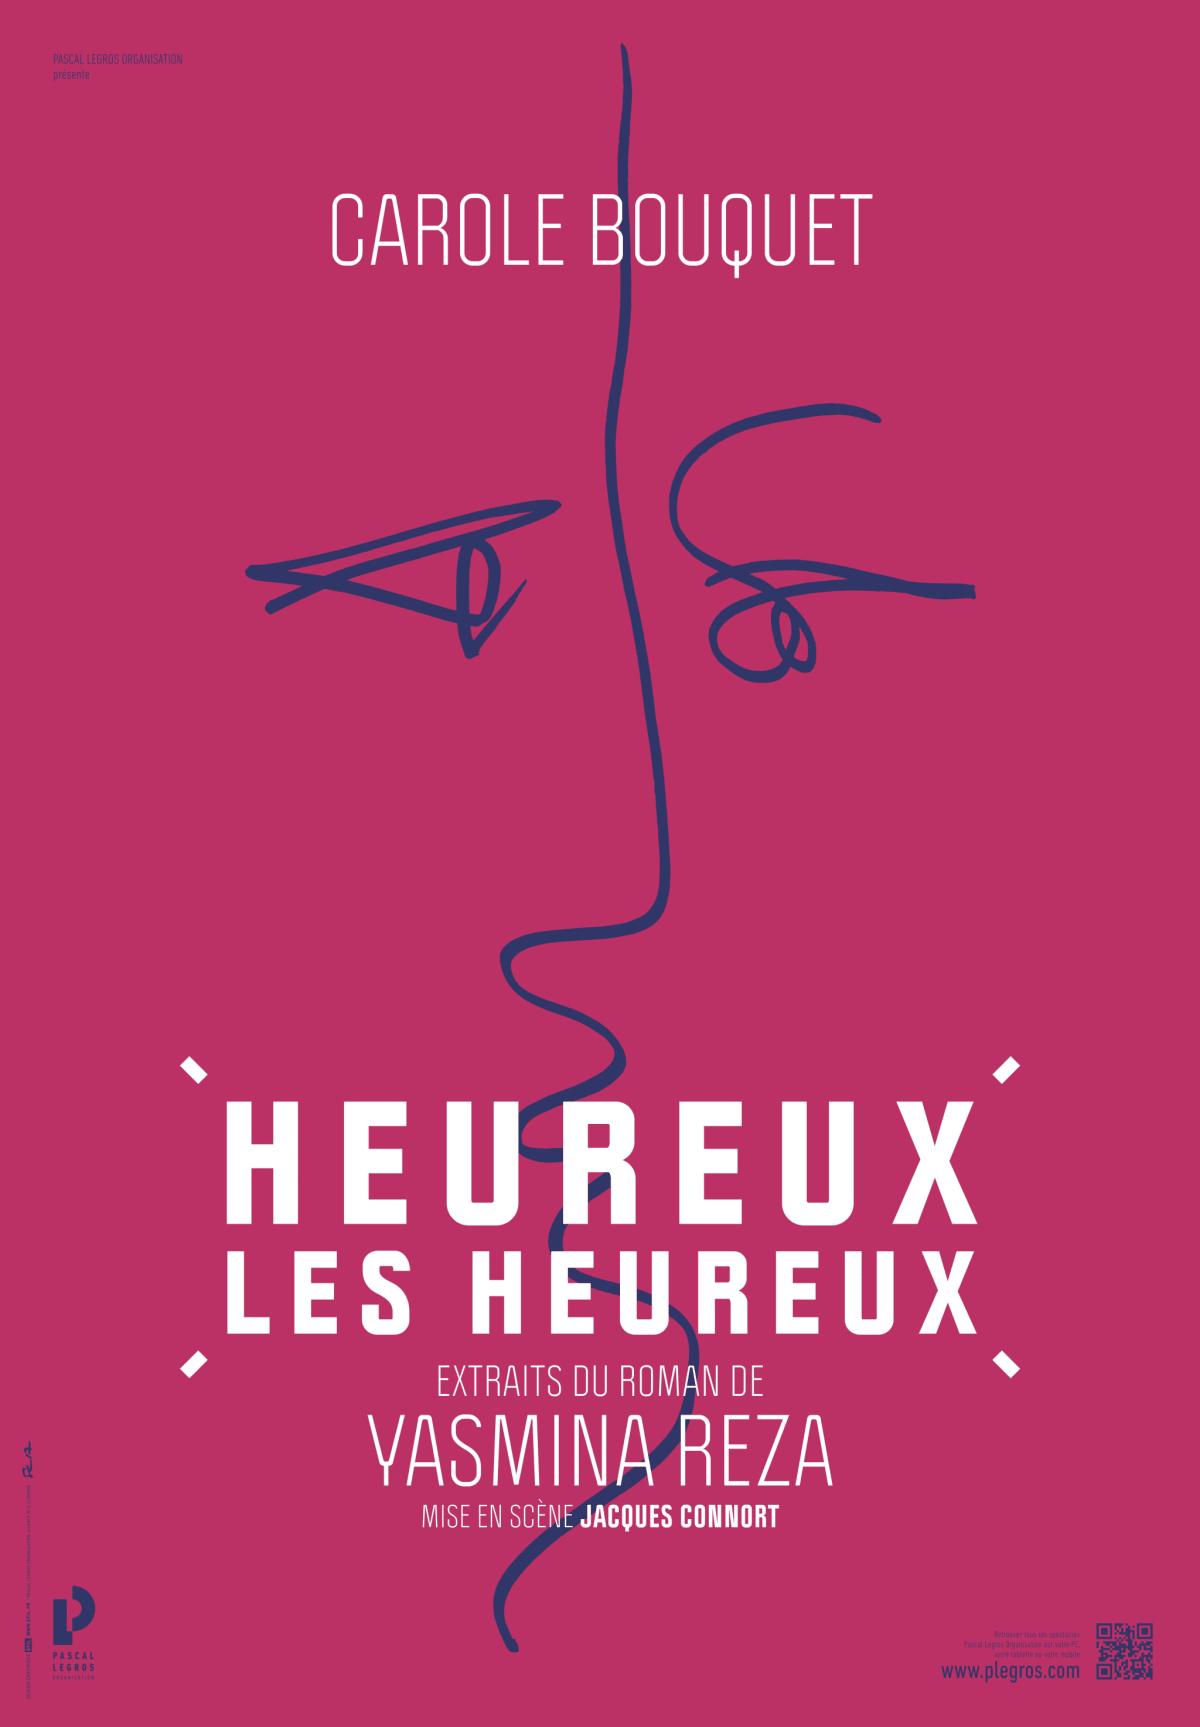 Heureux les Heureux de Jacques Connort avec Carole Bouquet affiche théâtre